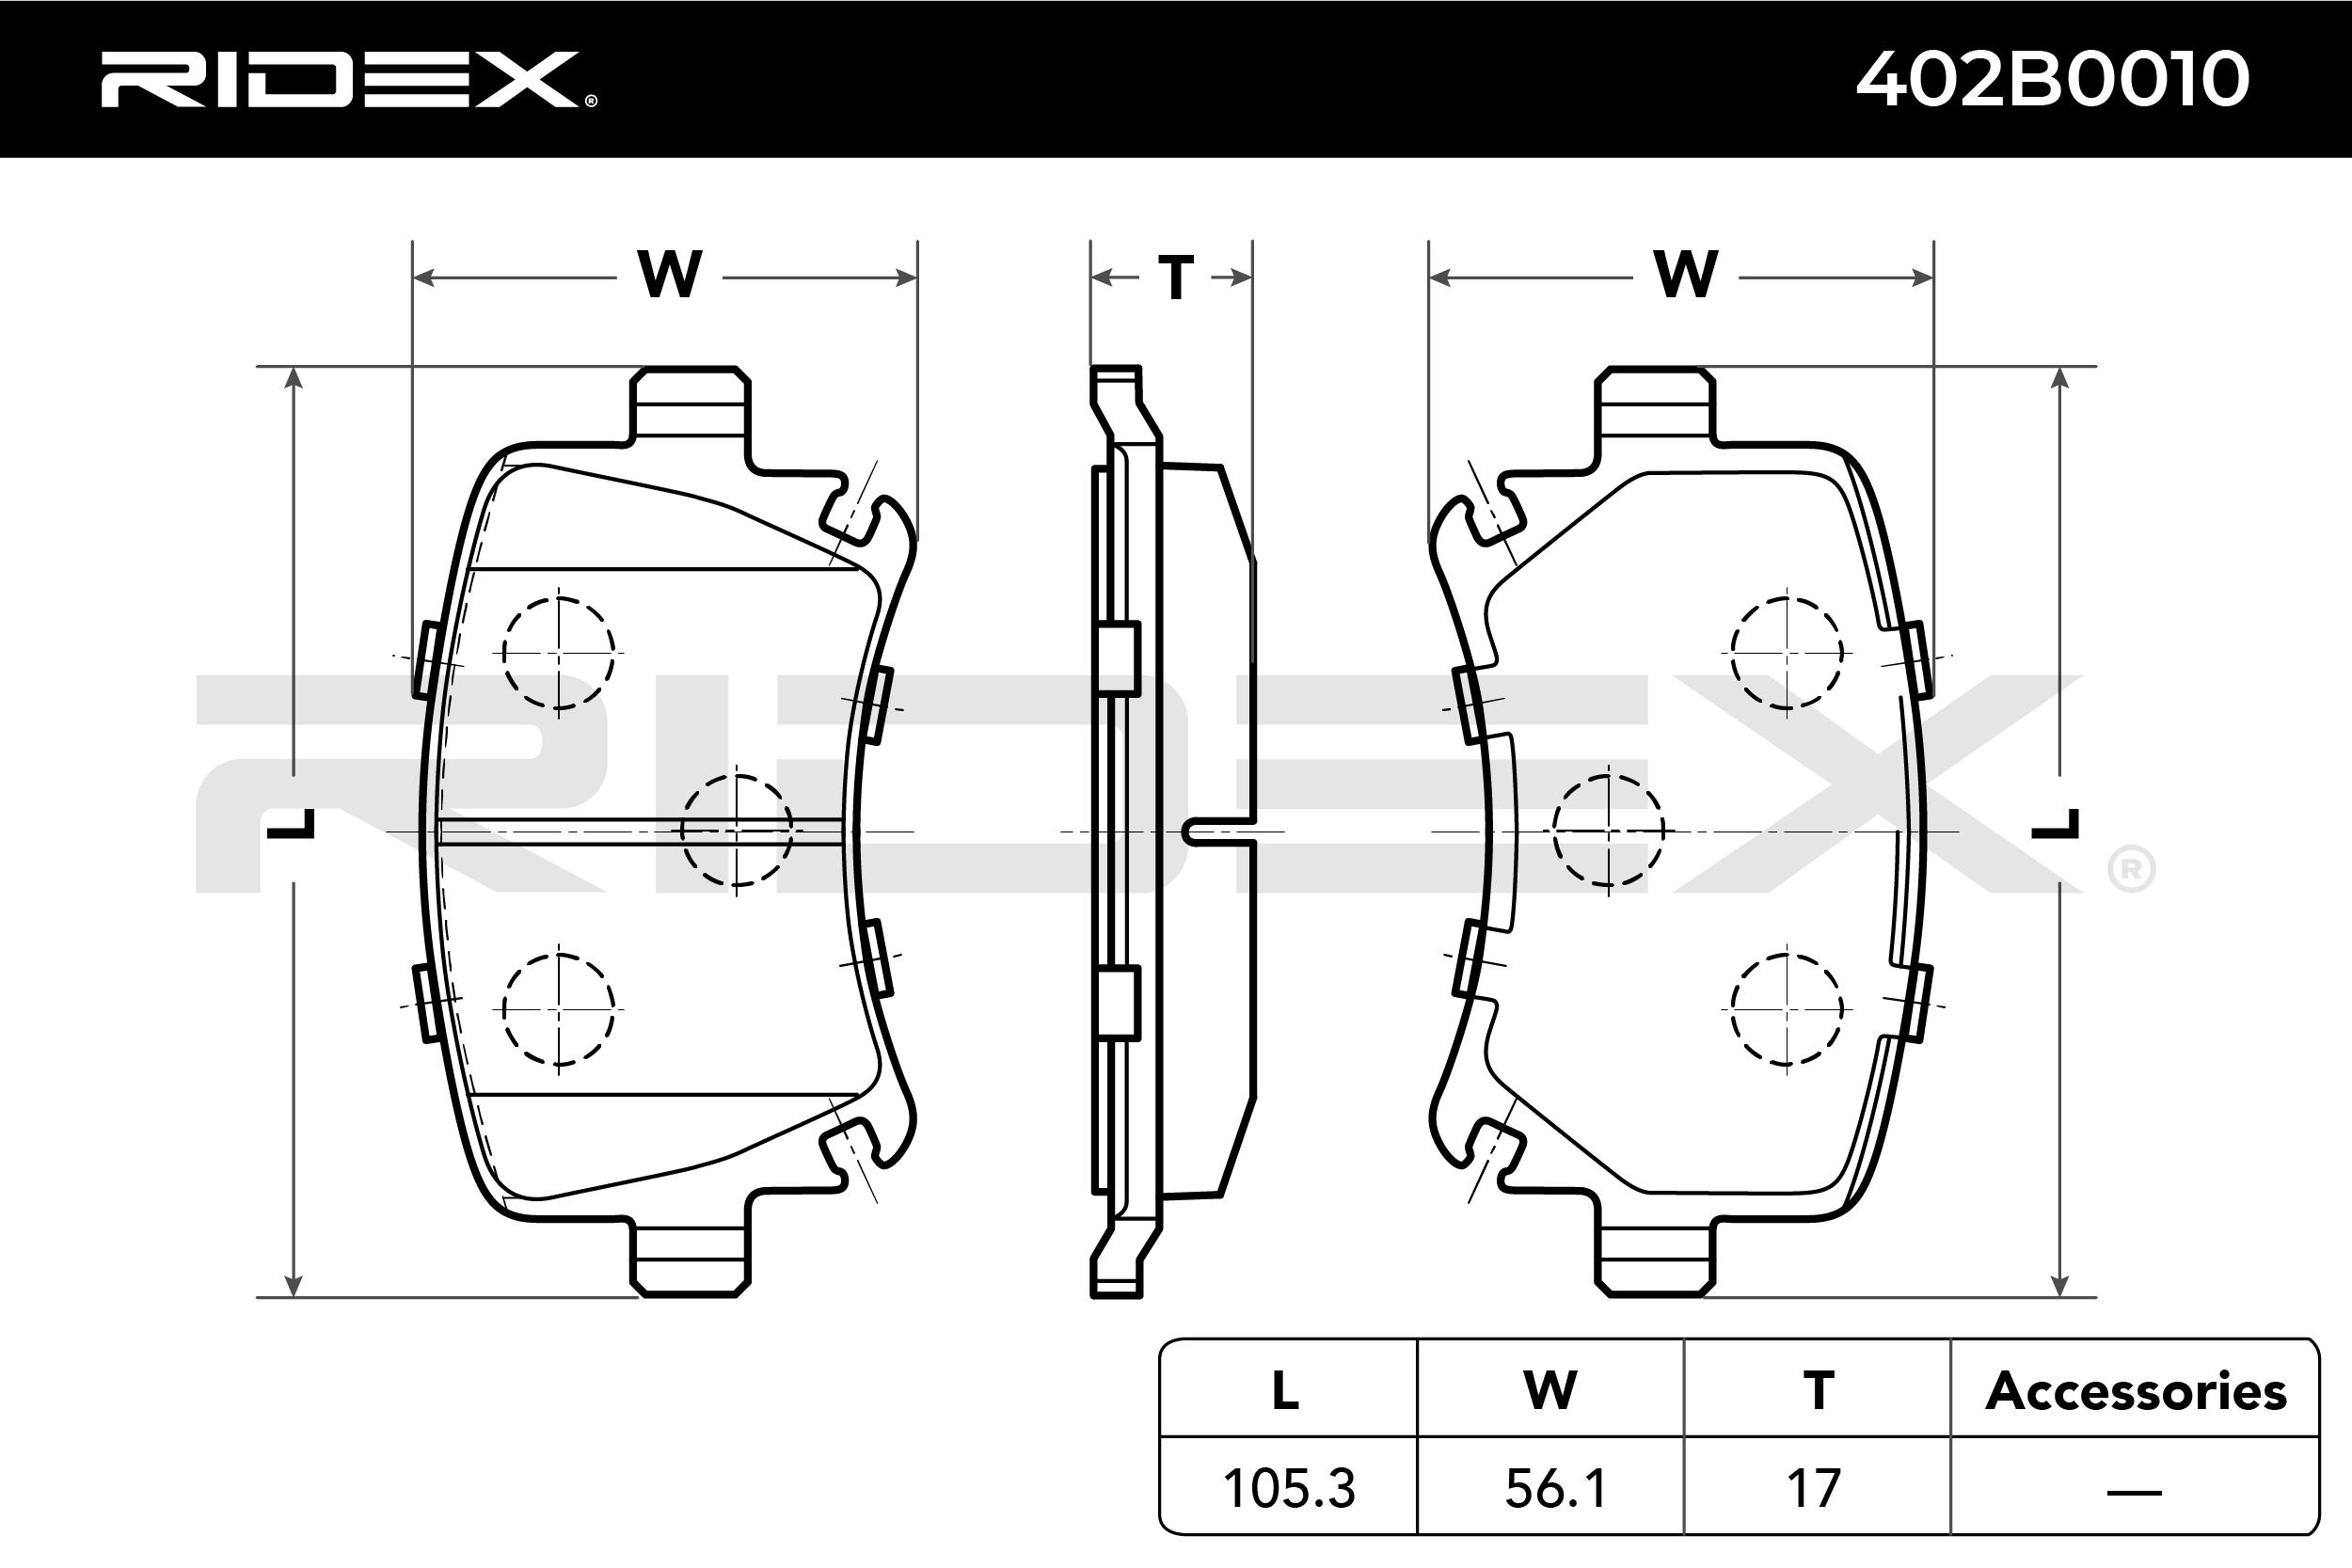 Artikelnummer 402B0010 RIDEX Preise